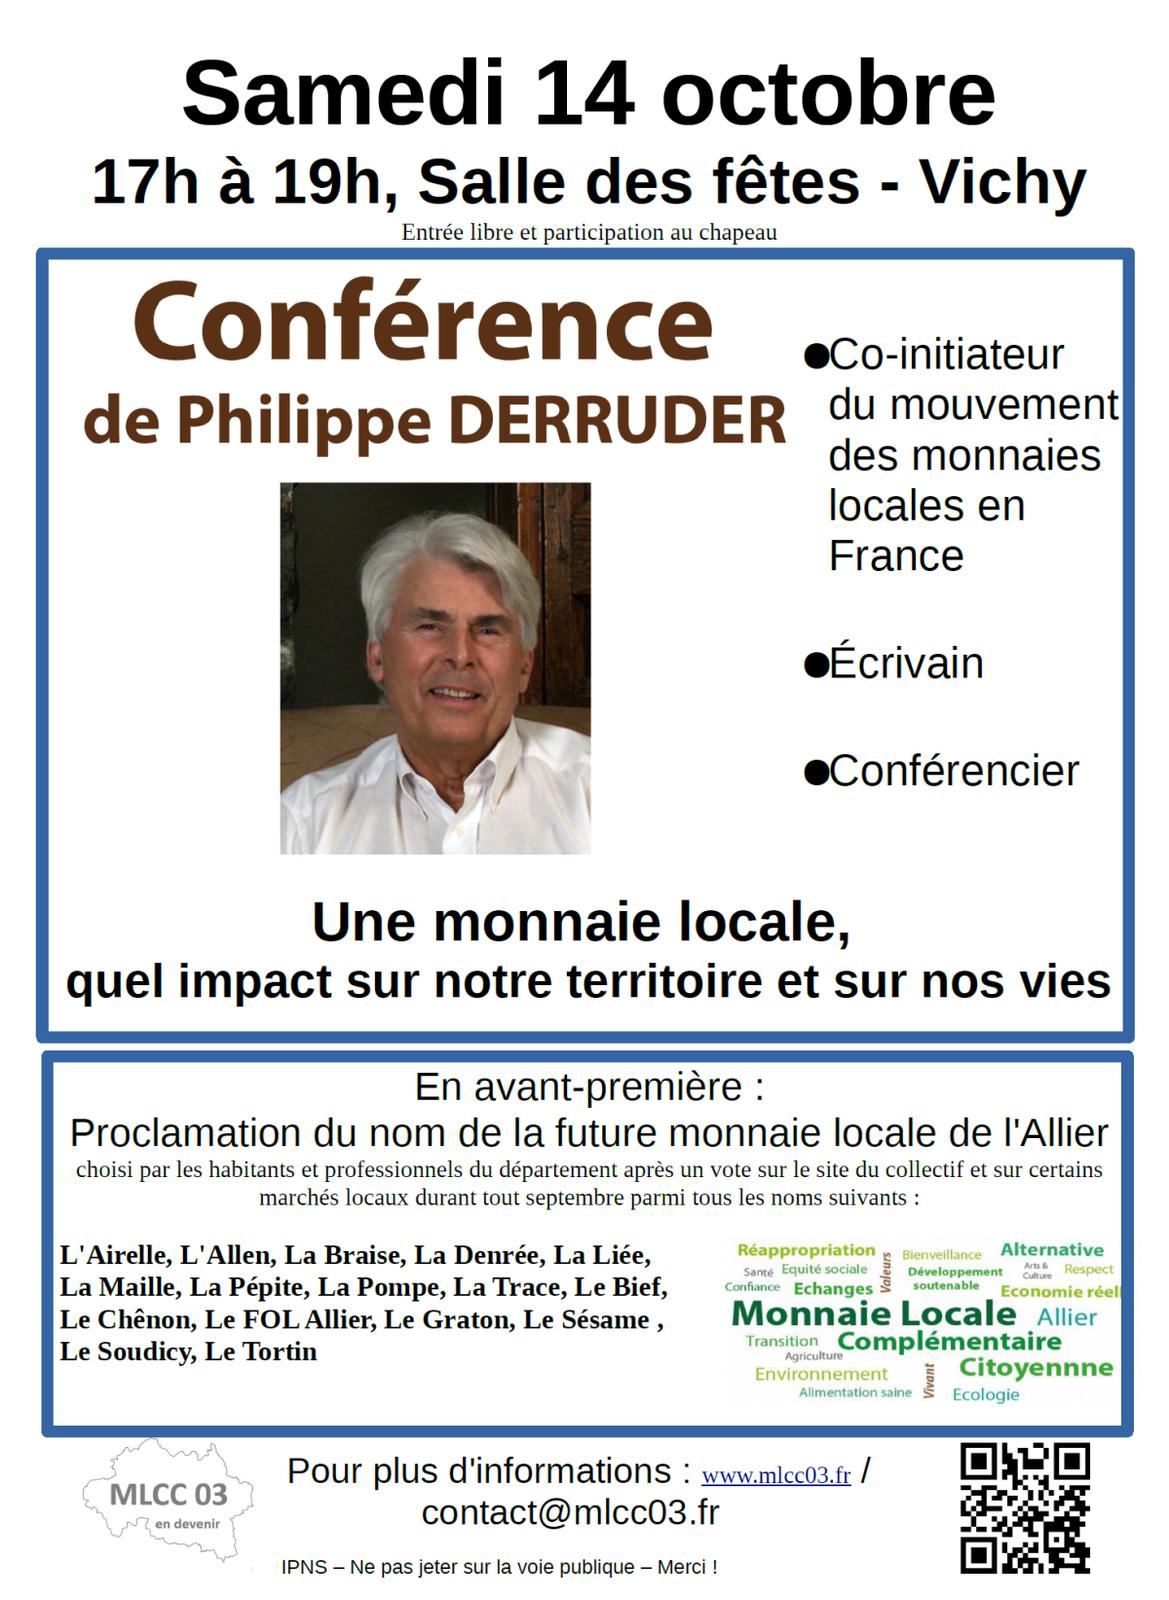 Présentation de la nouvelle monnaie locale de l'Allier avec Philippe Derruder